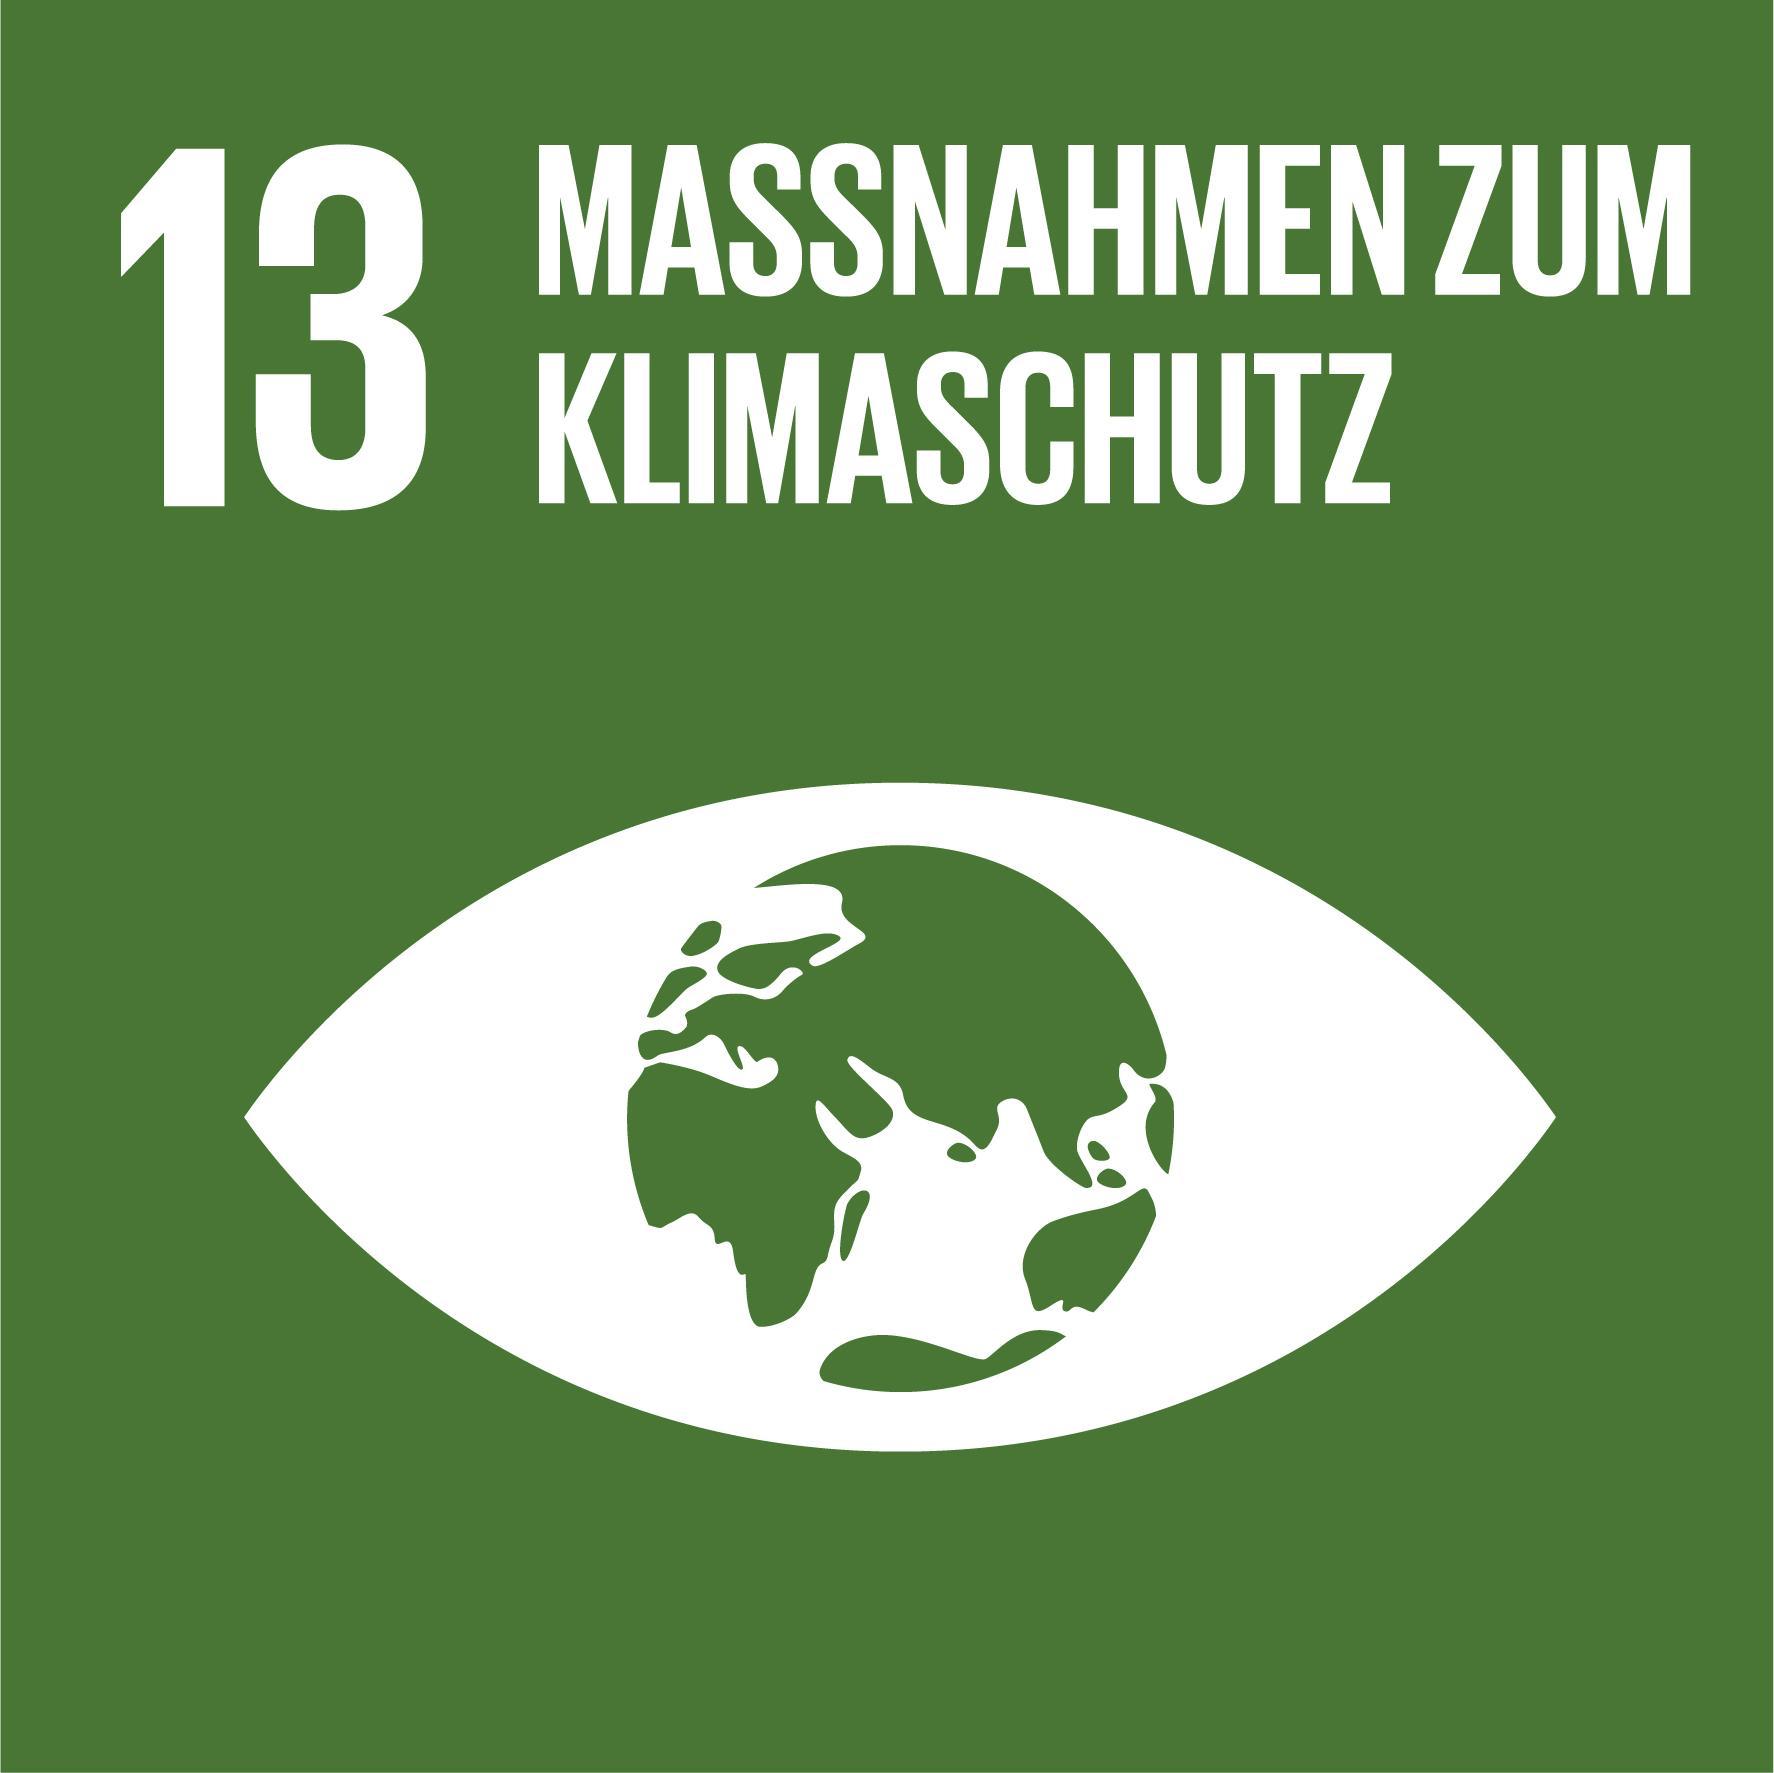 17 Nachhaltigkeitsziele - Ziel 13